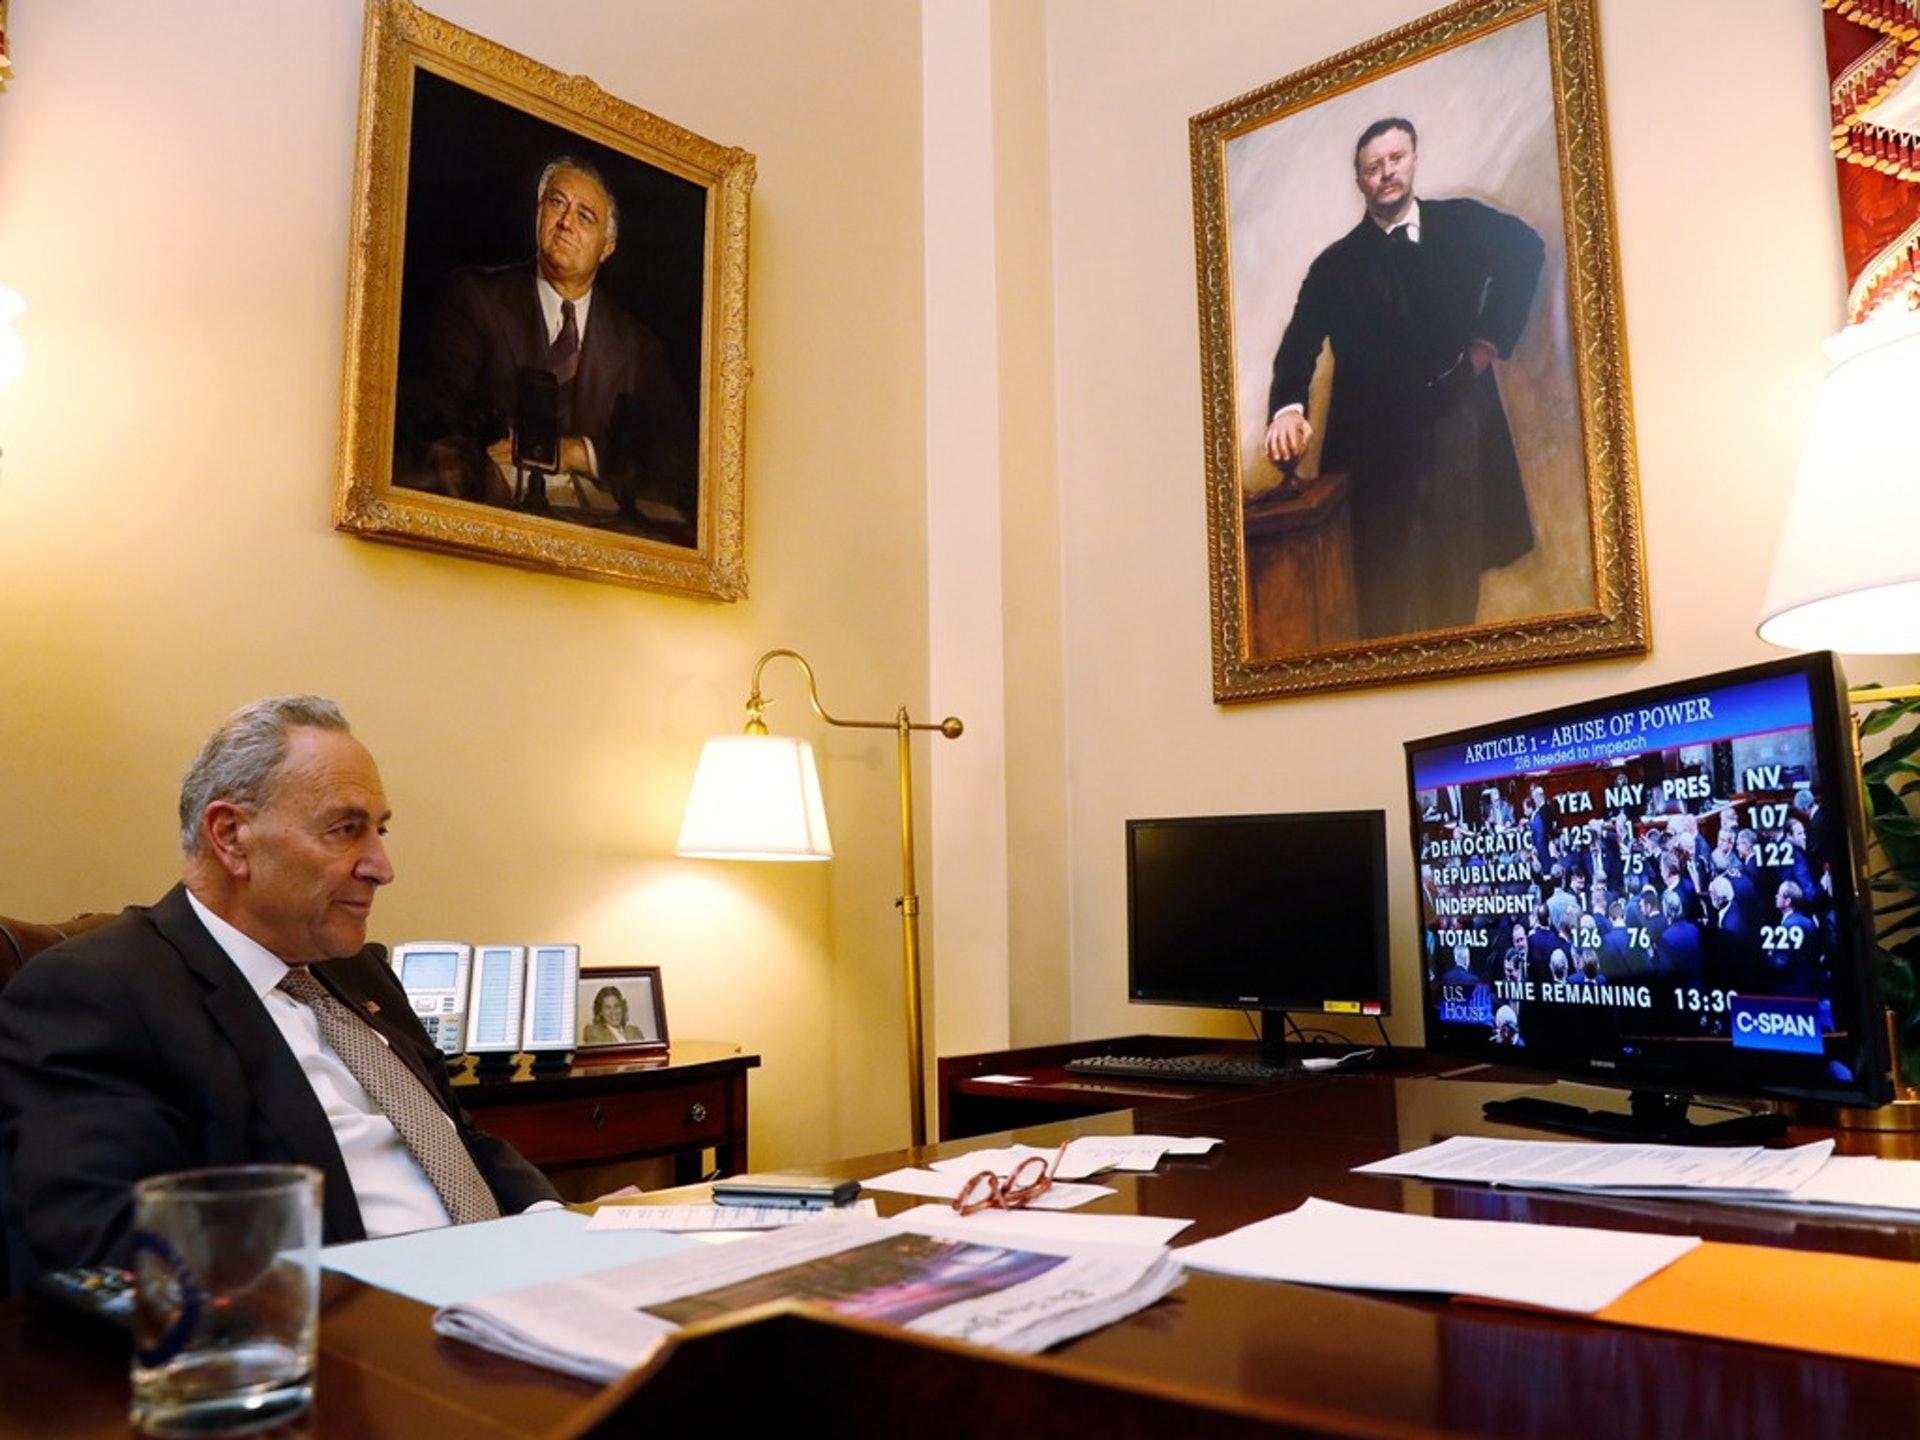 12月18日,佩洛西的政治盟友、參議院少數黨領袖舒默在他的參議院辦公室觀看眾議院彈劾投票實況。(AP)